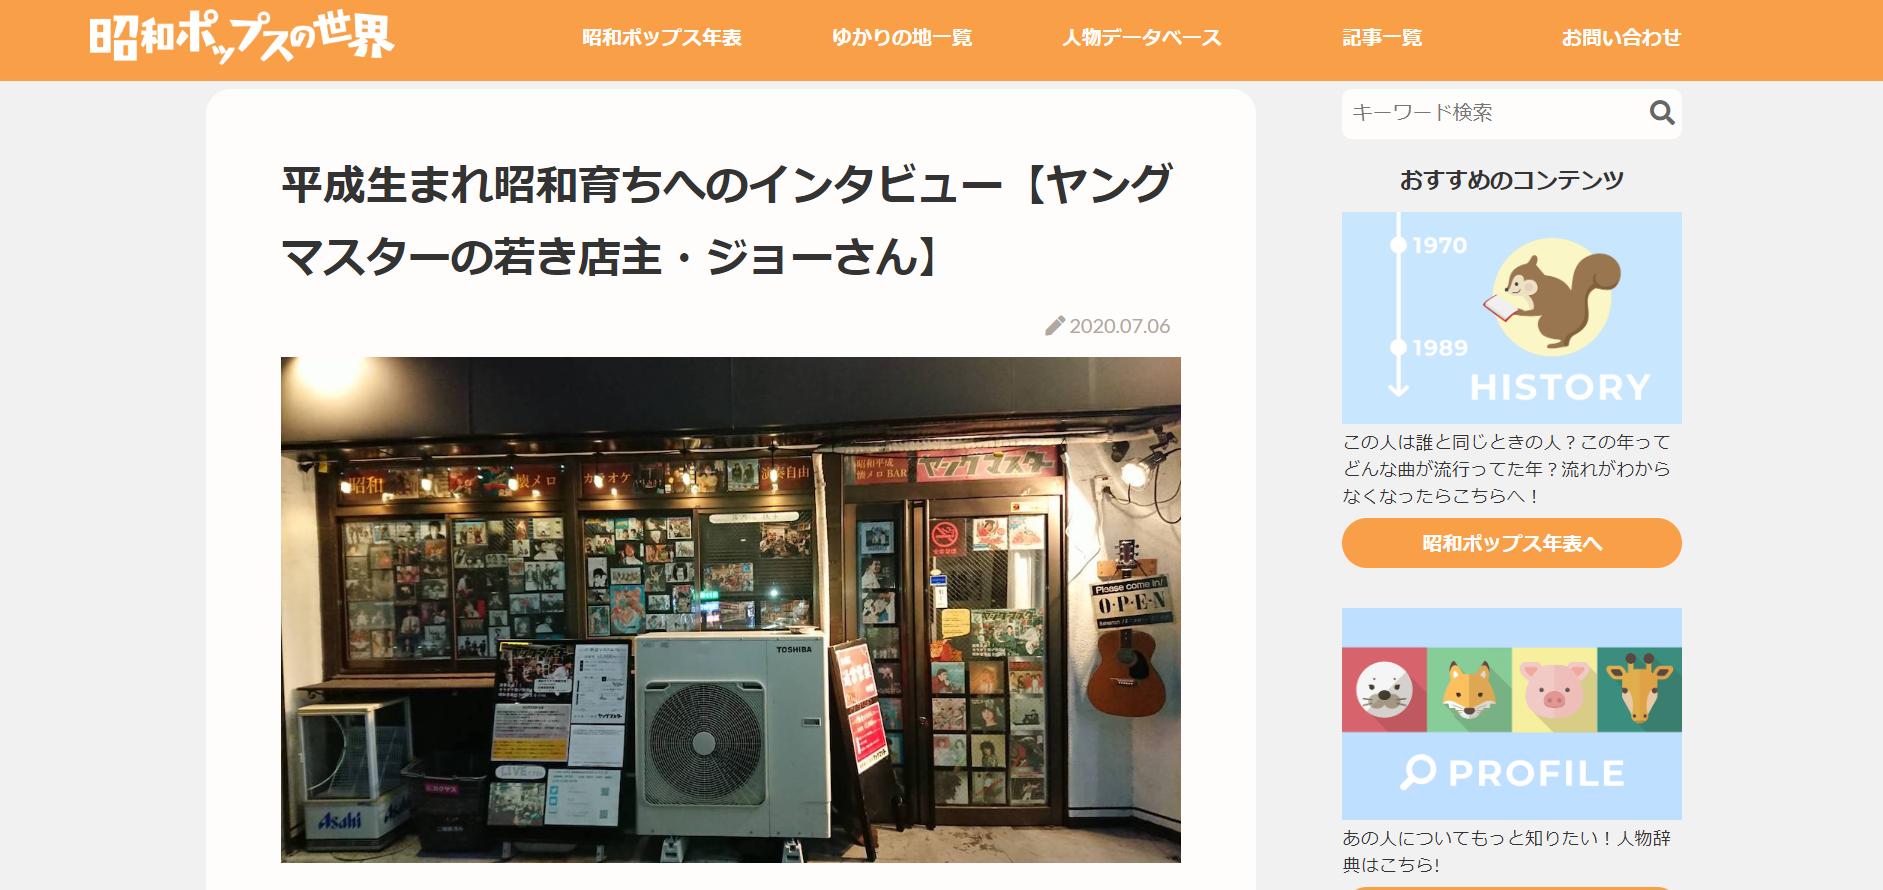 昭和ポップスを紹介するサイトにマスターのインタビューが掲載されました